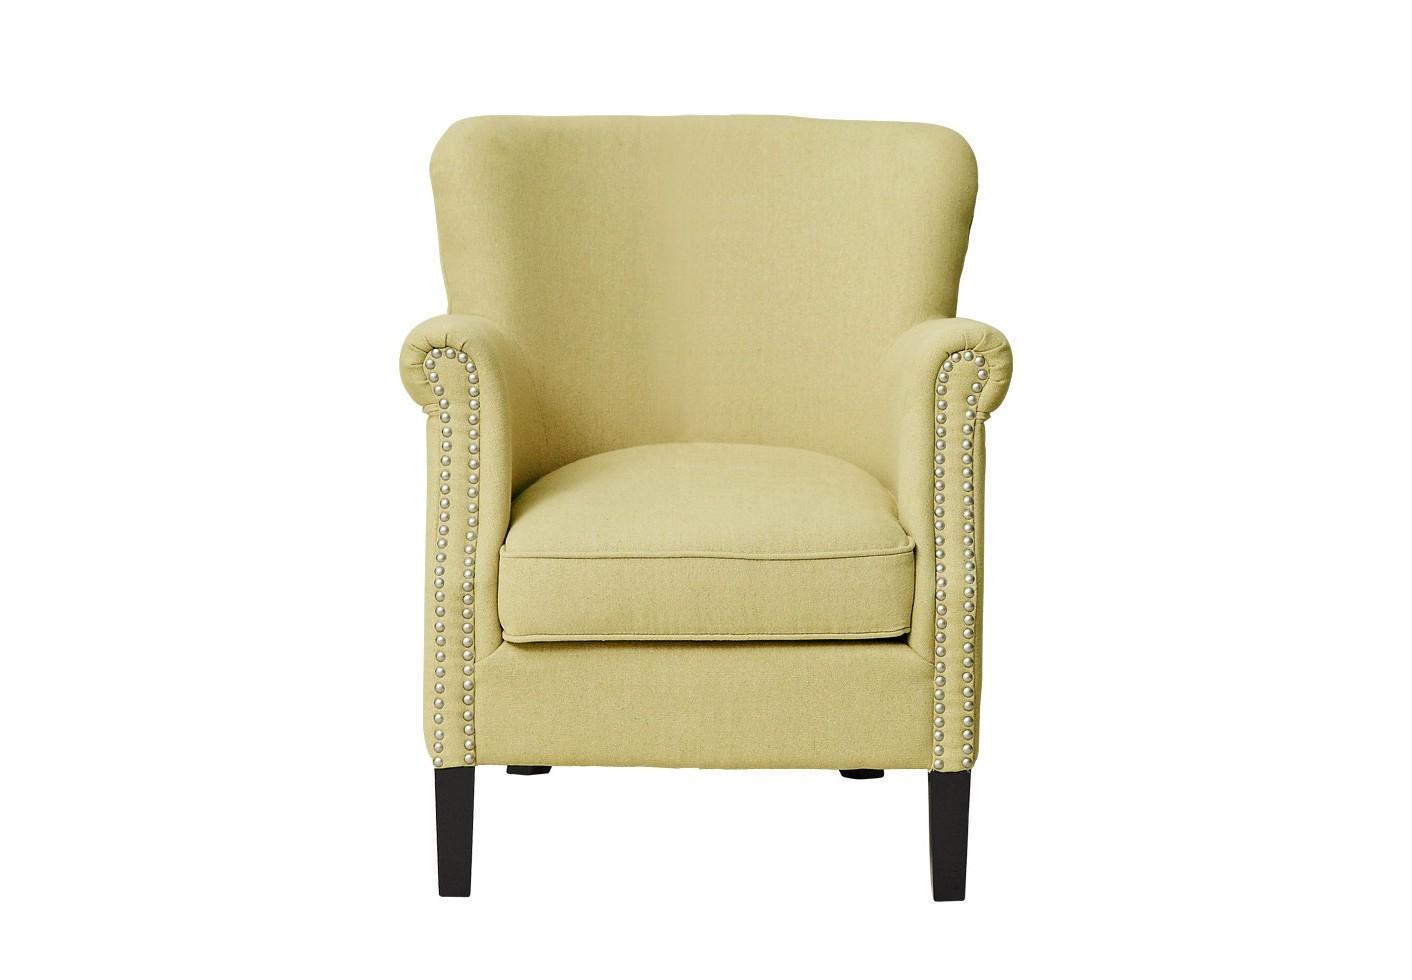 Кресло RolandИнтерьерные кресла<br><br><br>Material: Текстиль<br>Width см: 67,5<br>Depth см: 72<br>Height см: 78